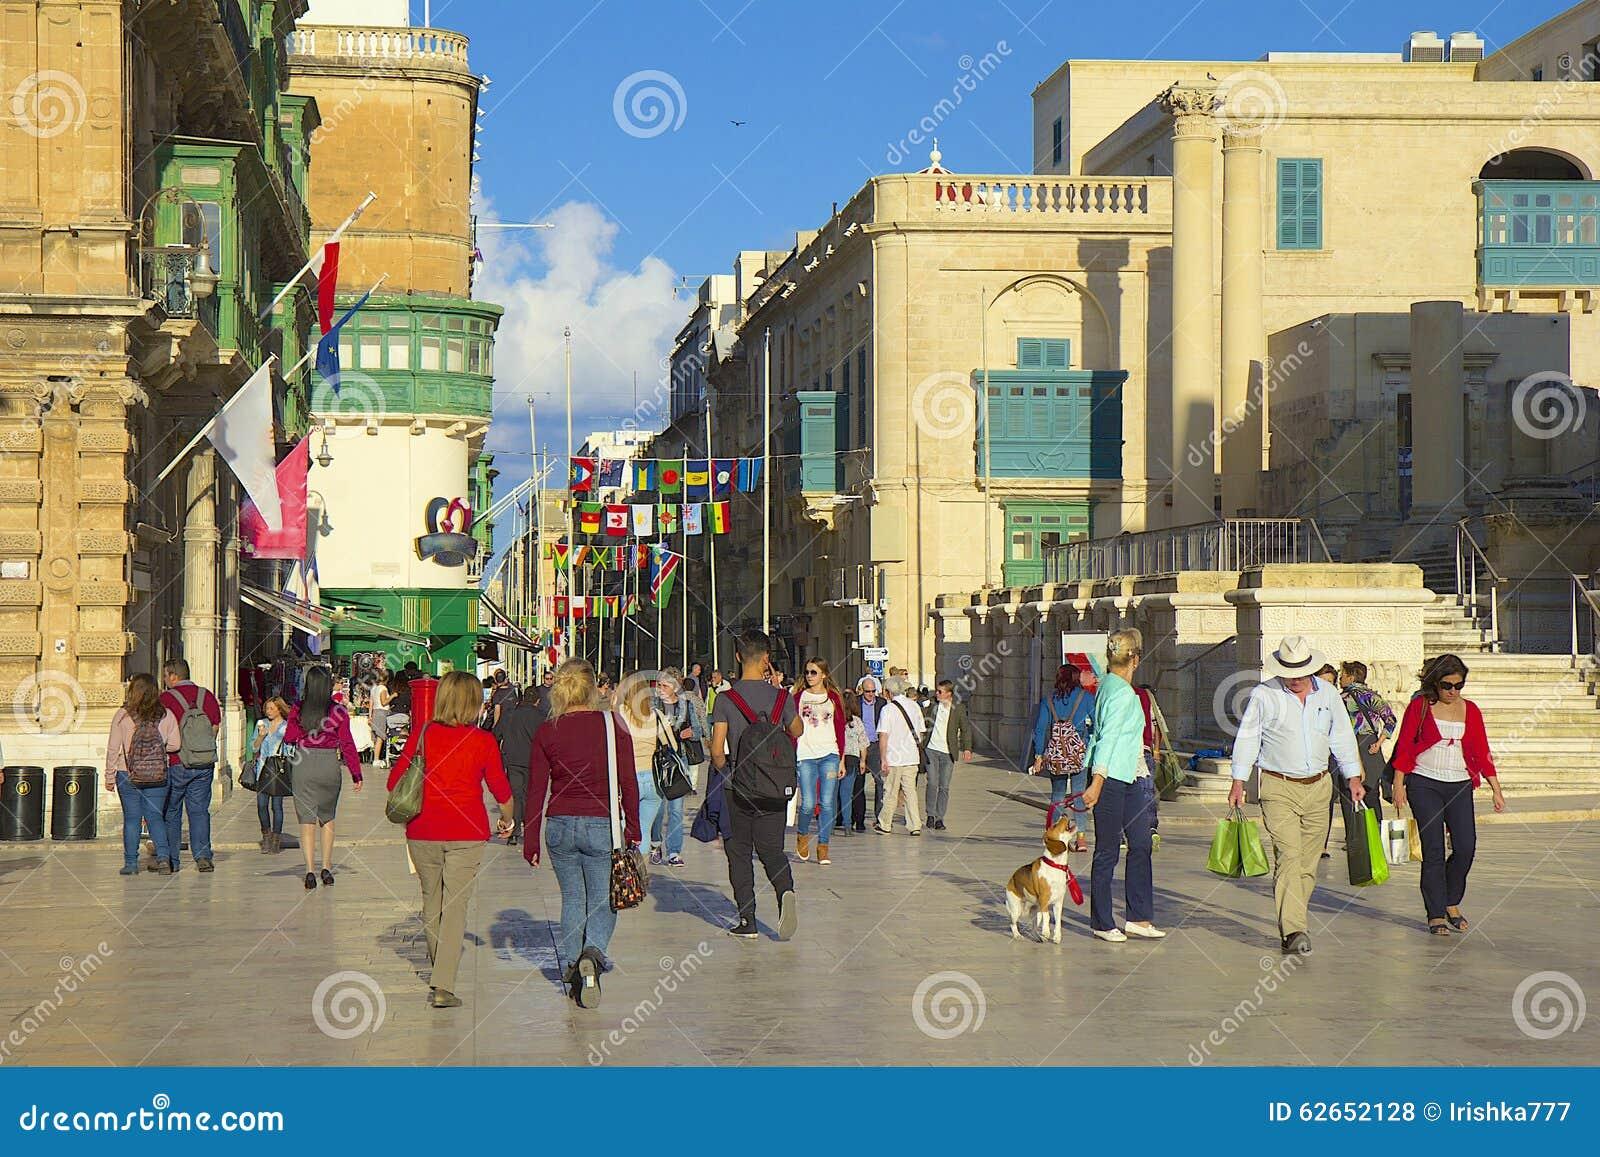 Calles de La Valeta, Malta